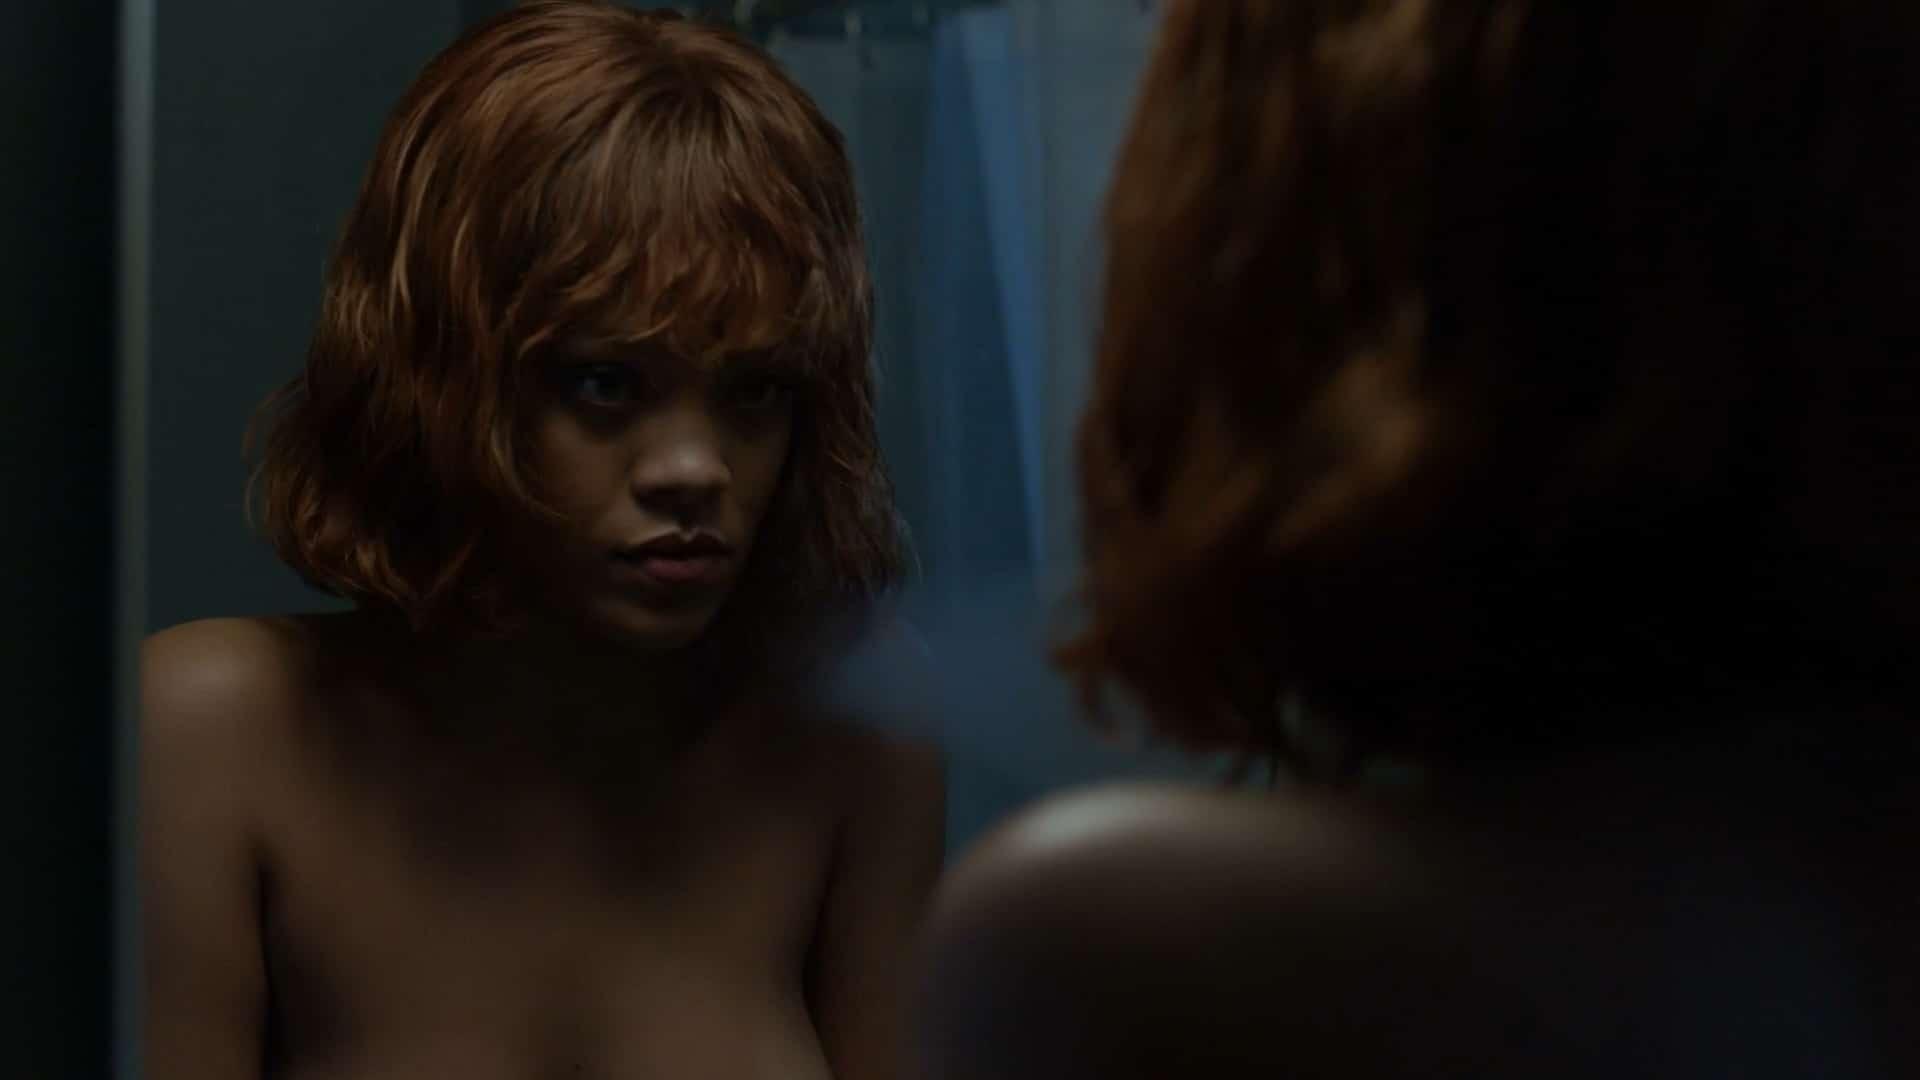 Rihanna fucked